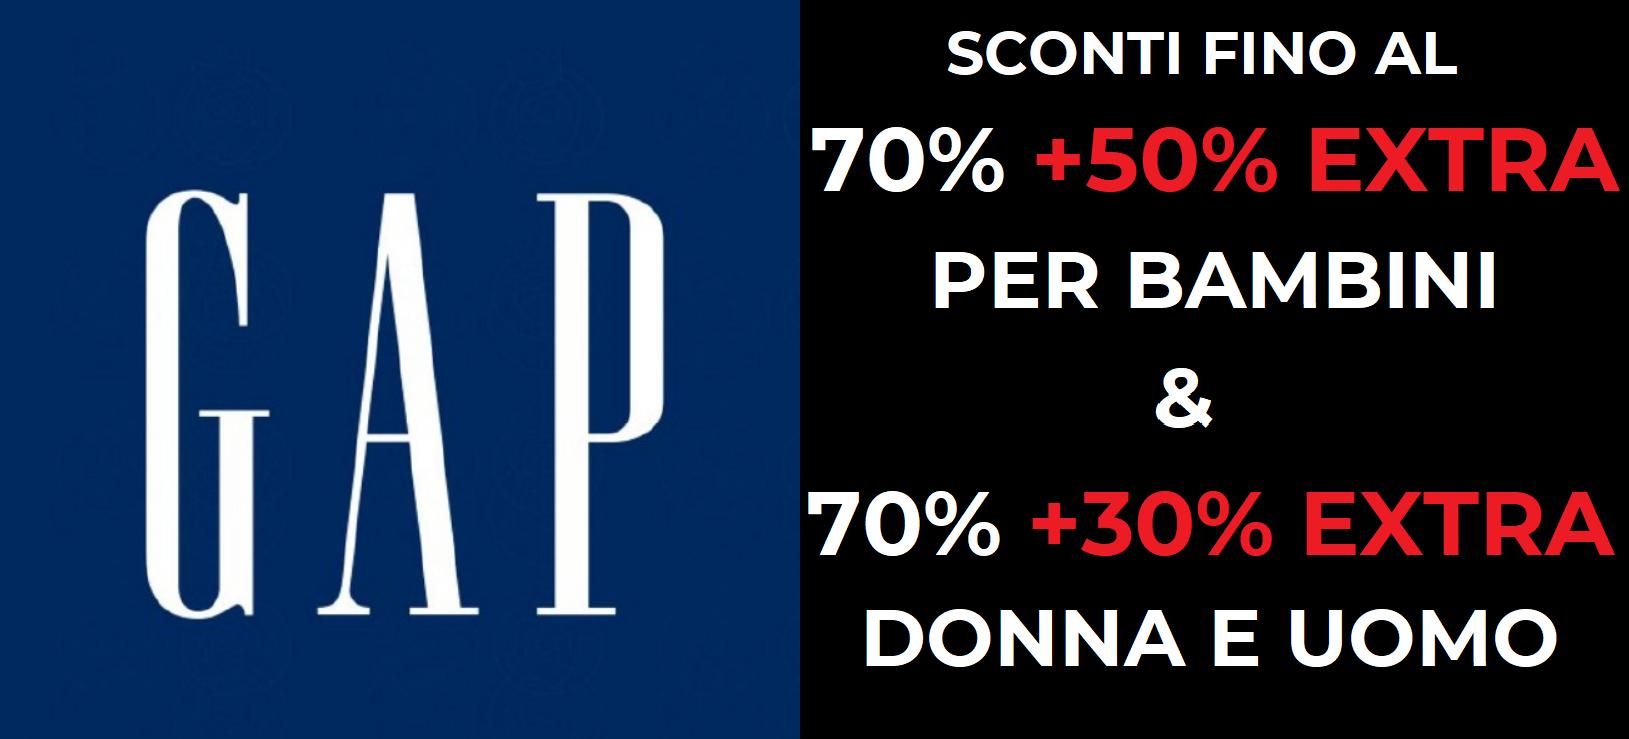 Sconti fino al 70% + 50% Extra